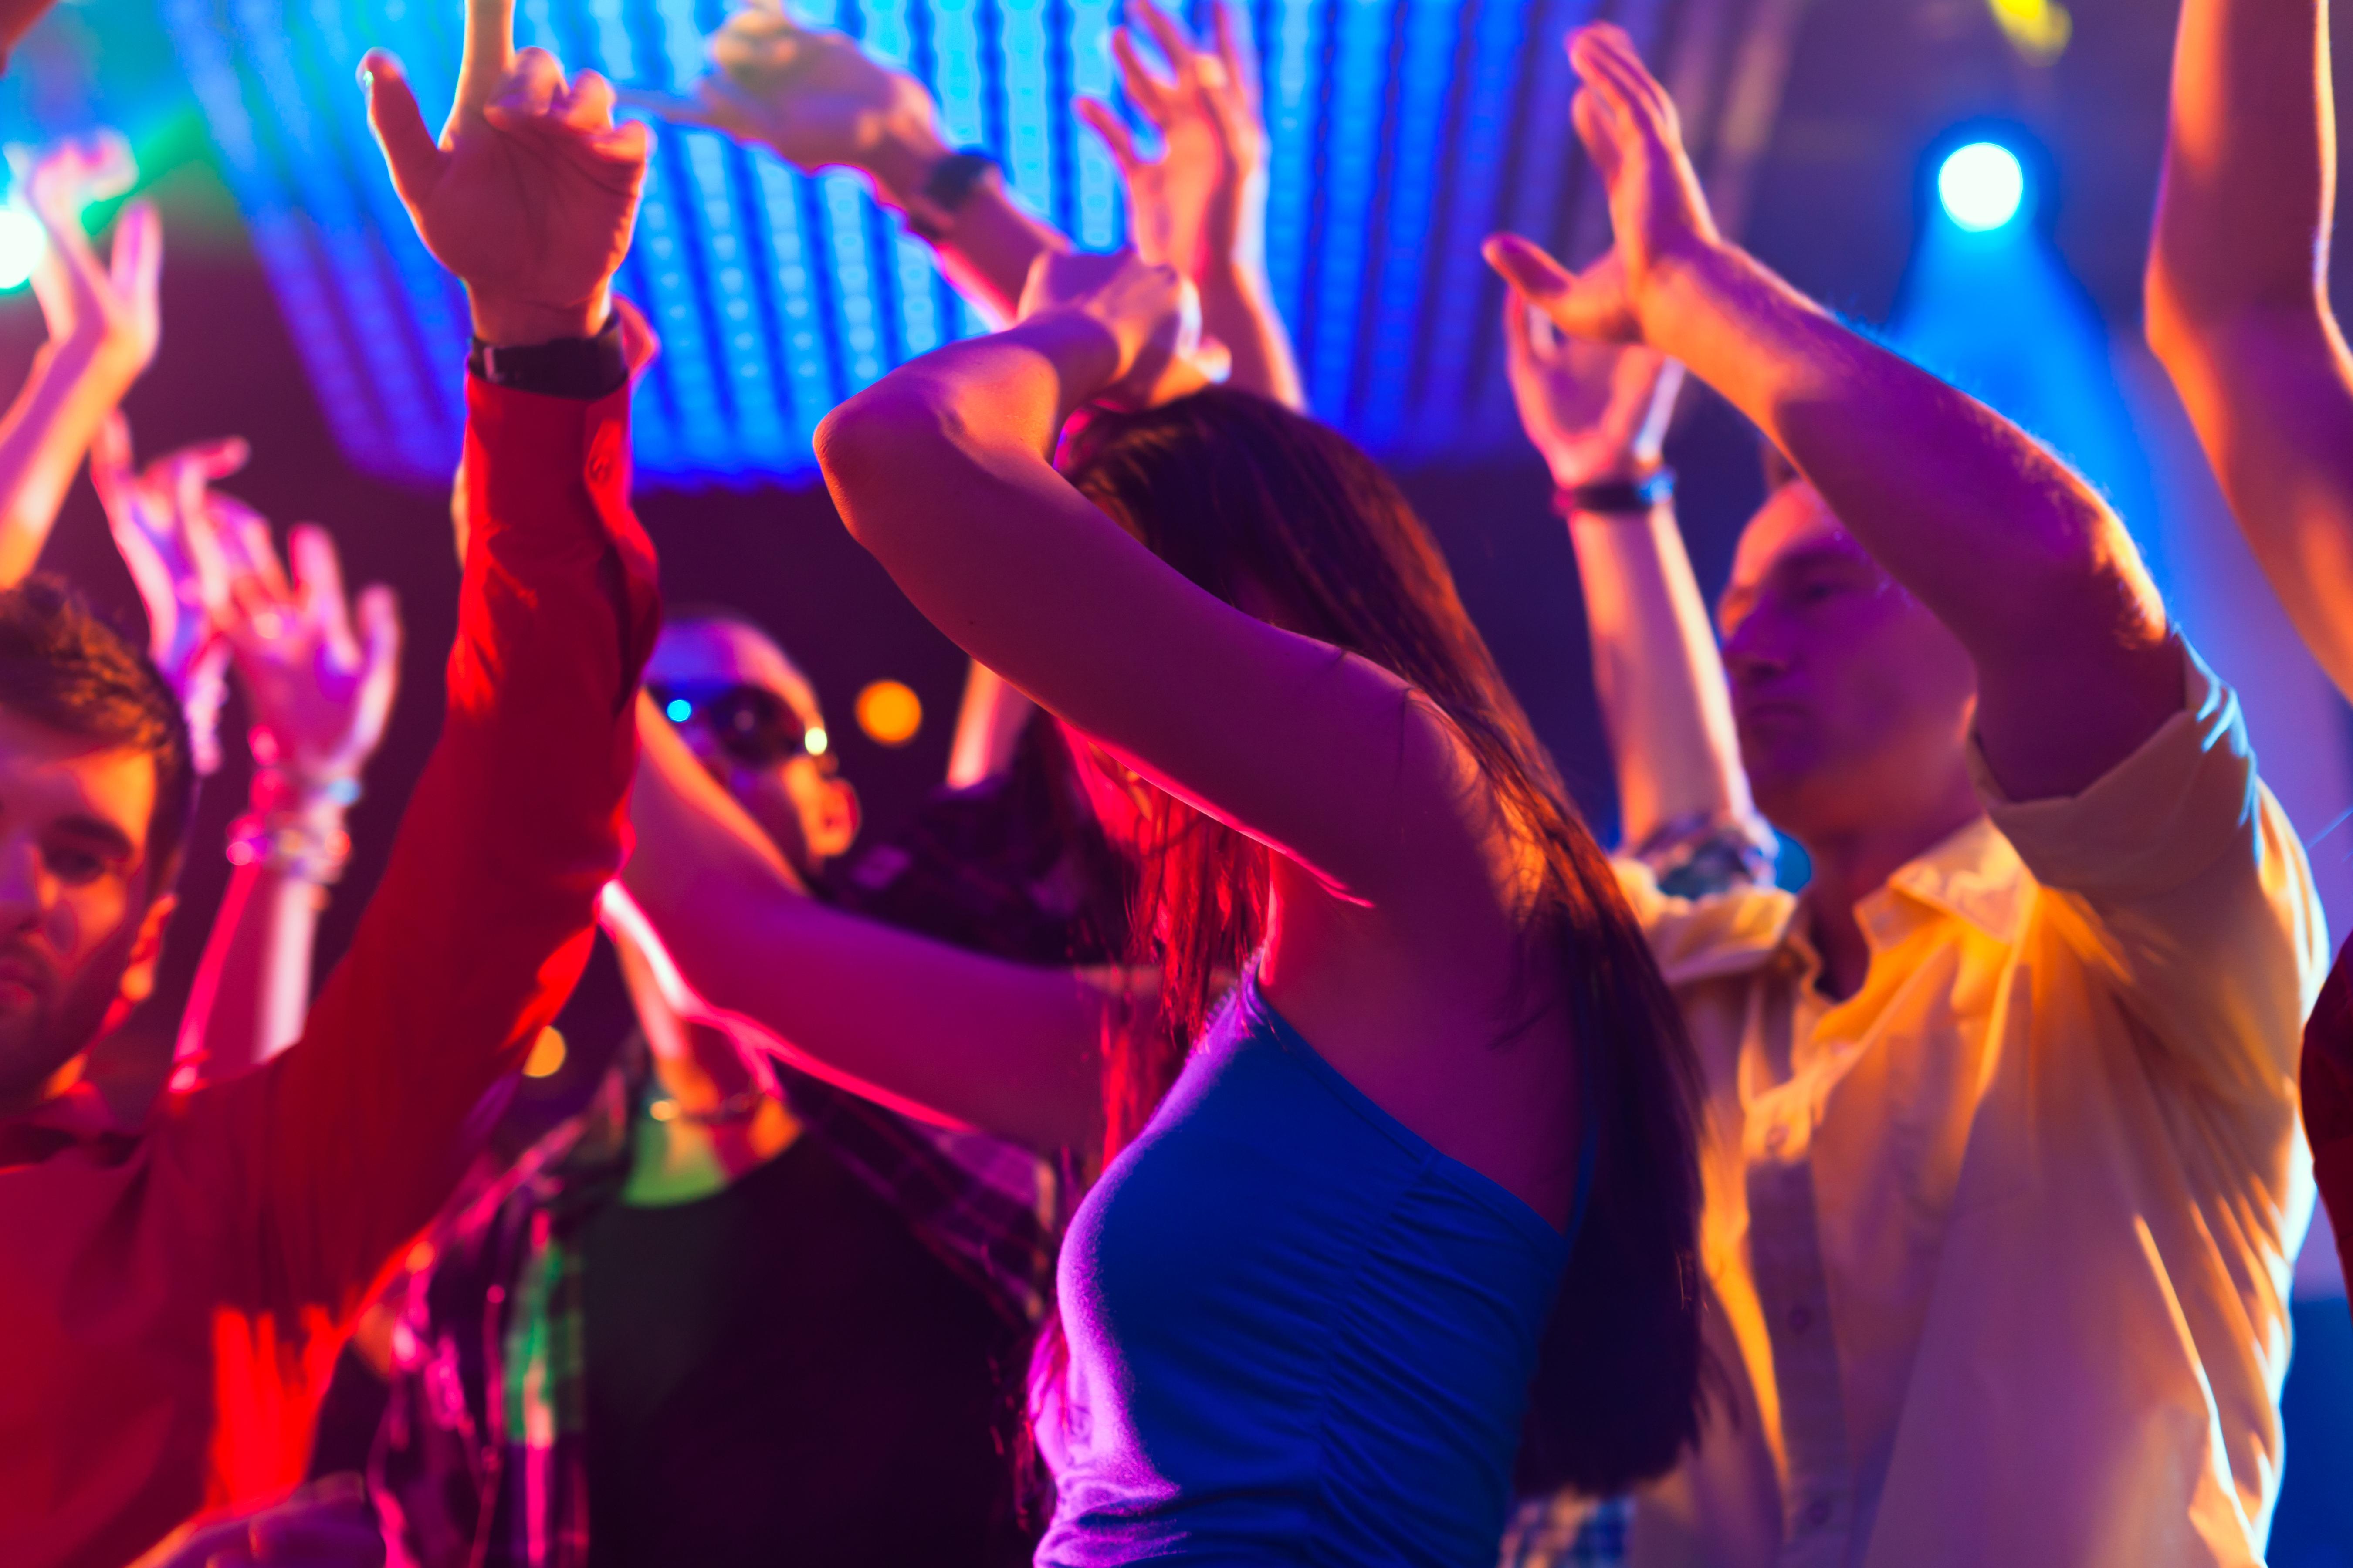 Секс в ночном клубе со стриптизером 24 фотография